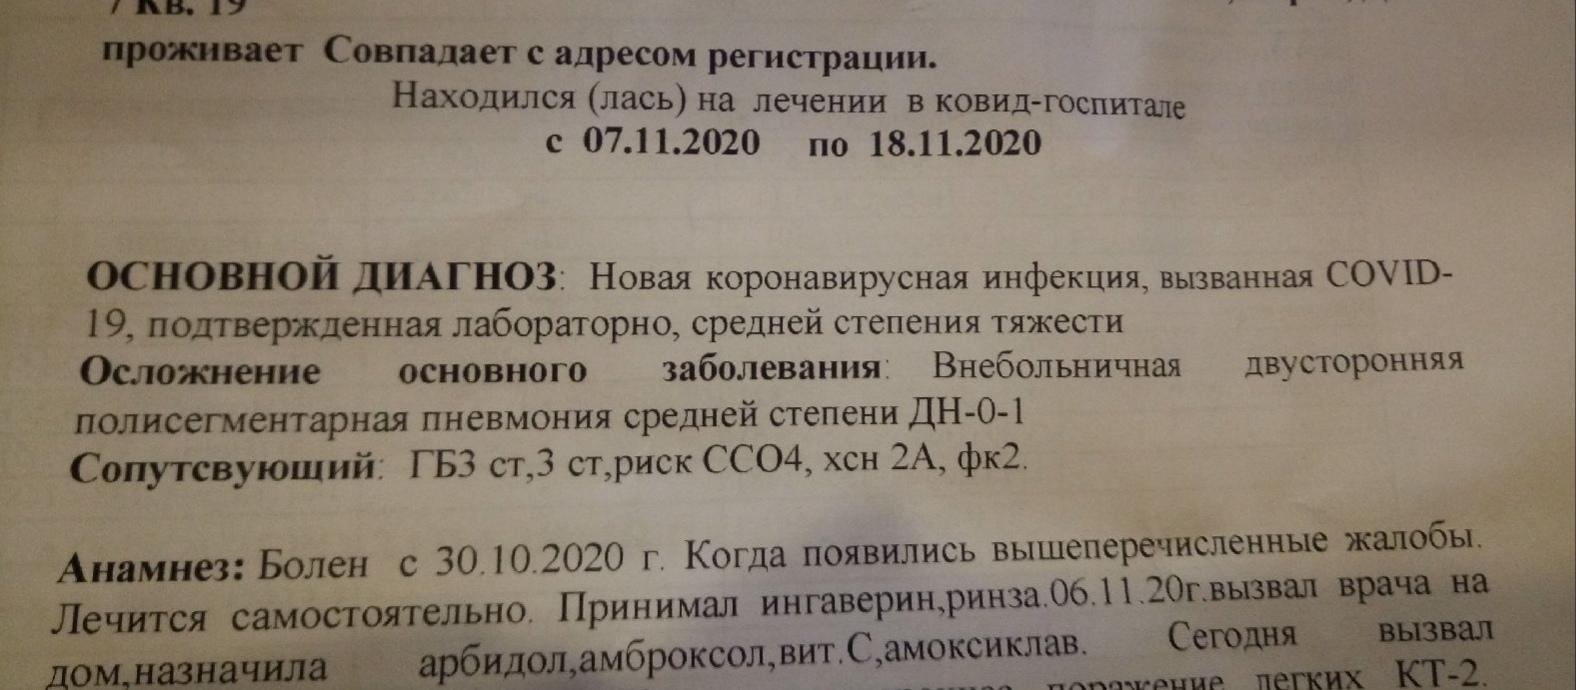 Bmy3hTPiu_U.jpg